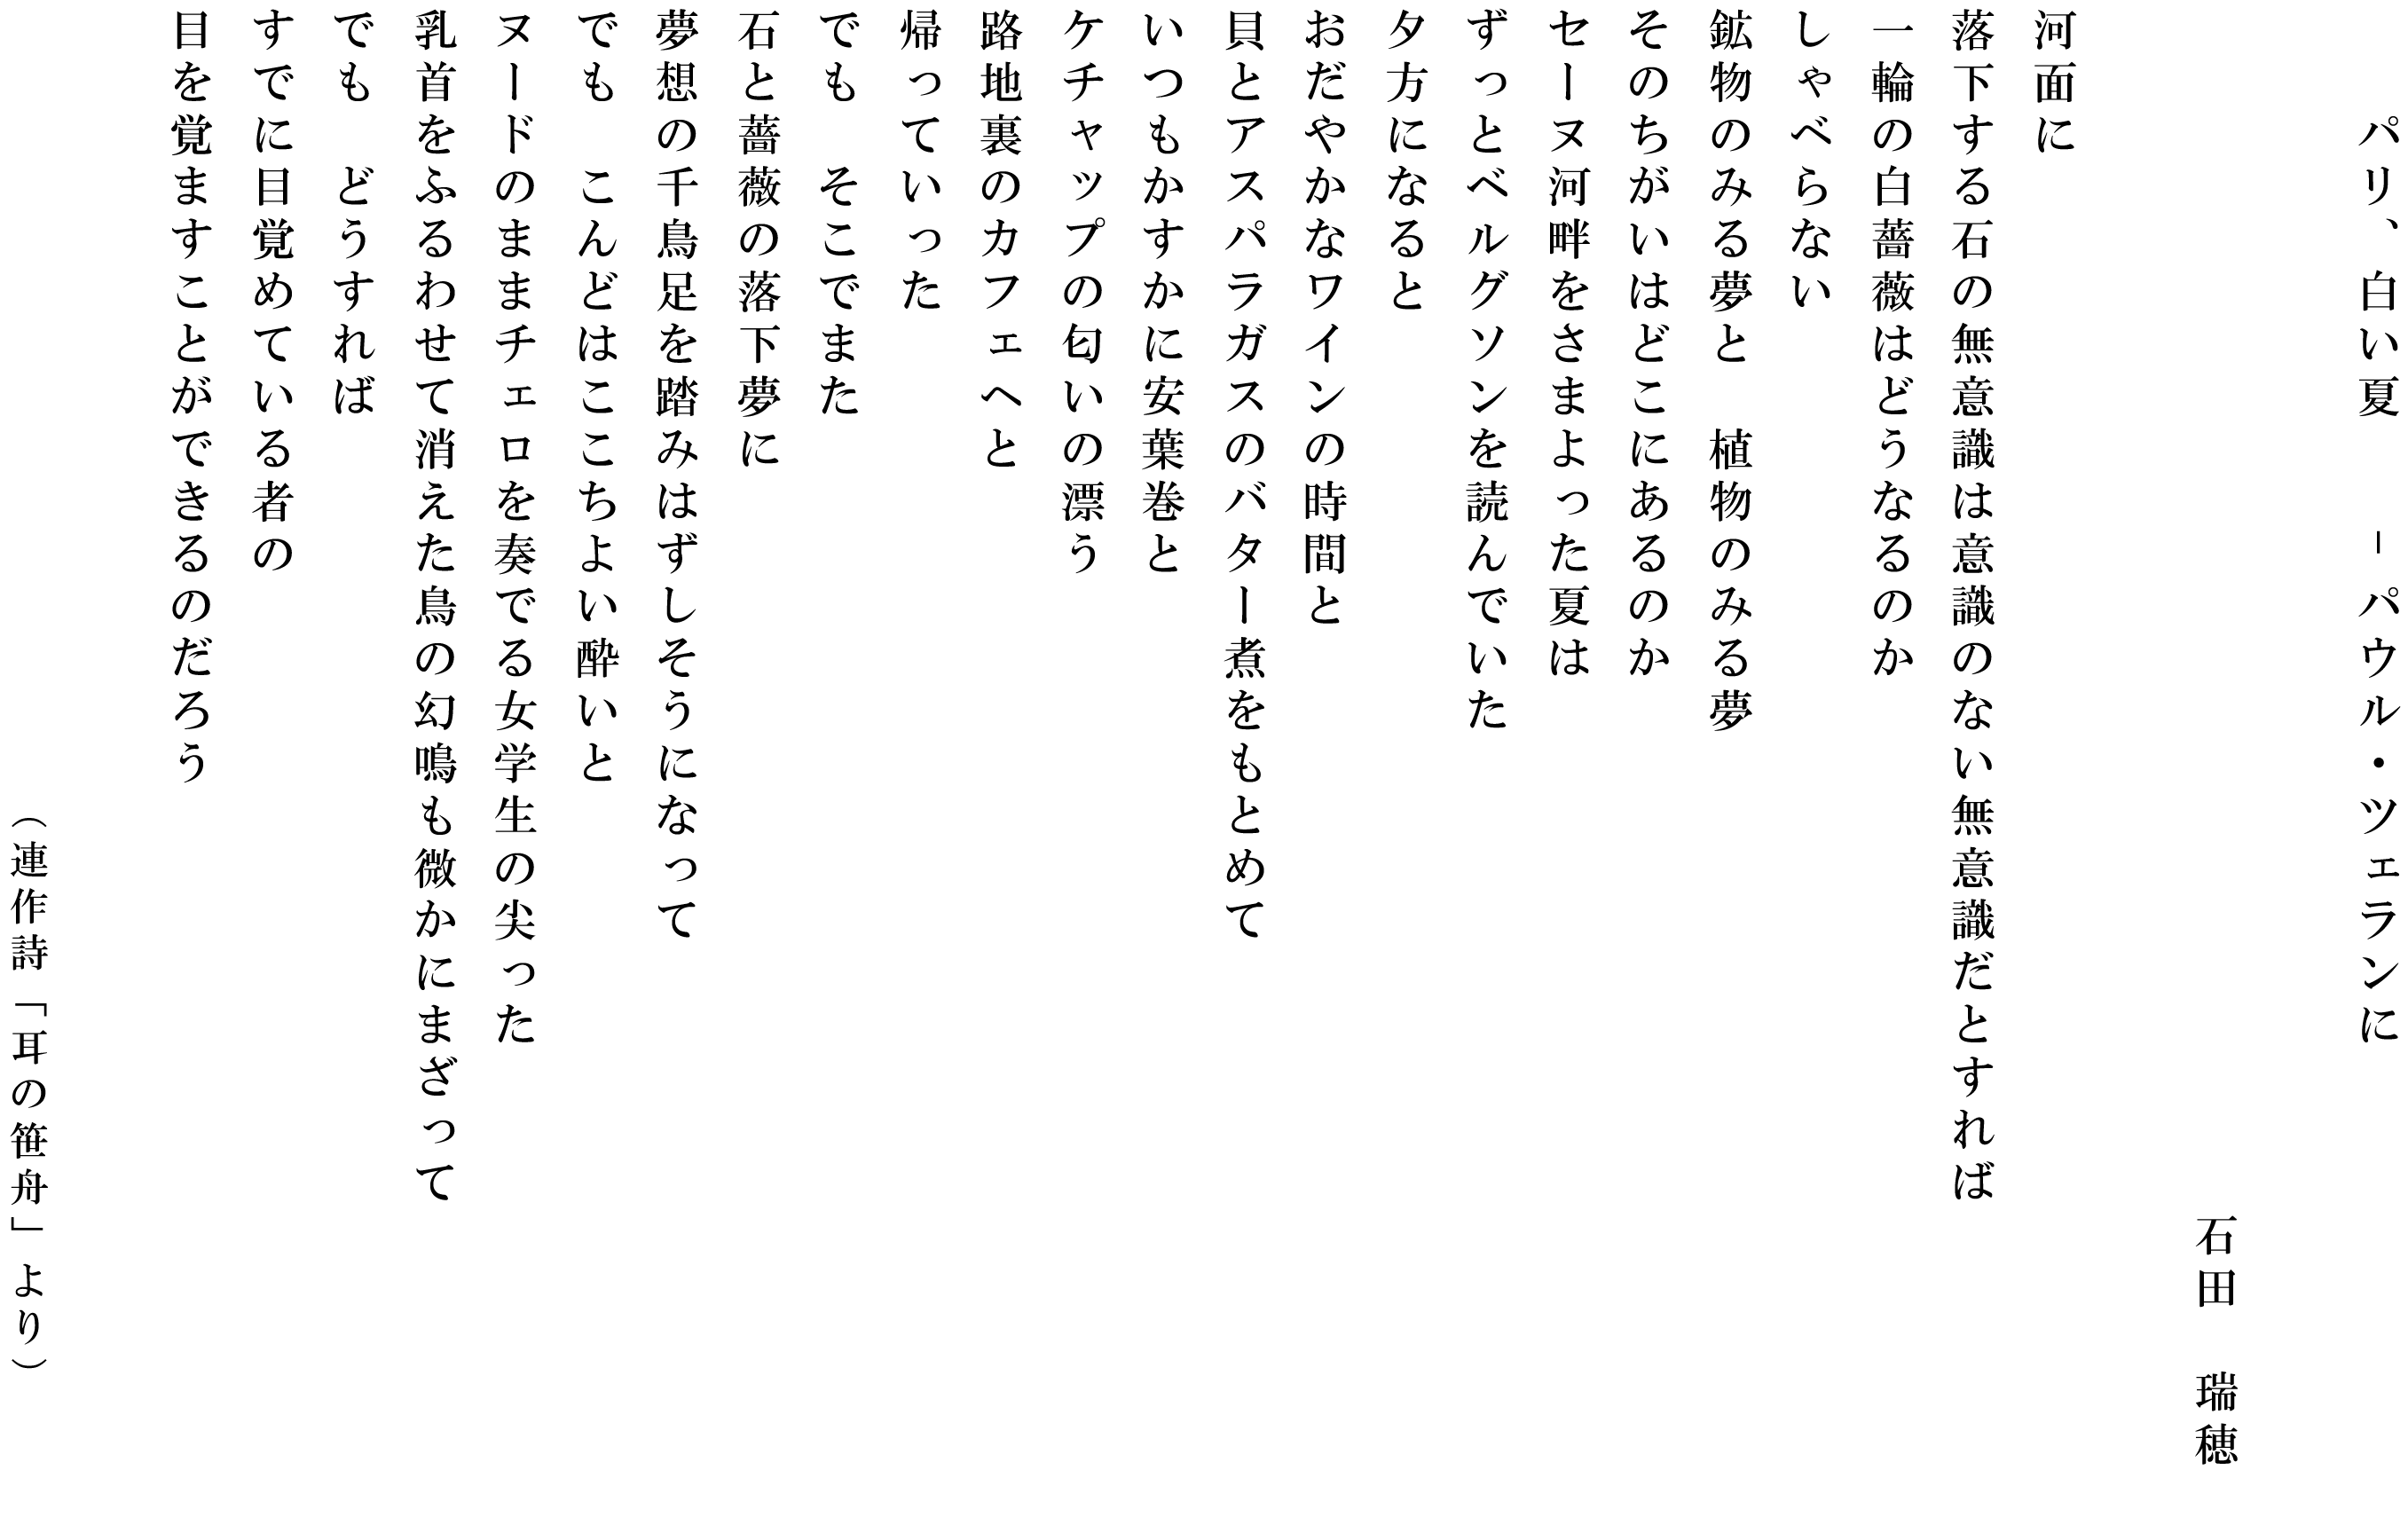 石田詩130816